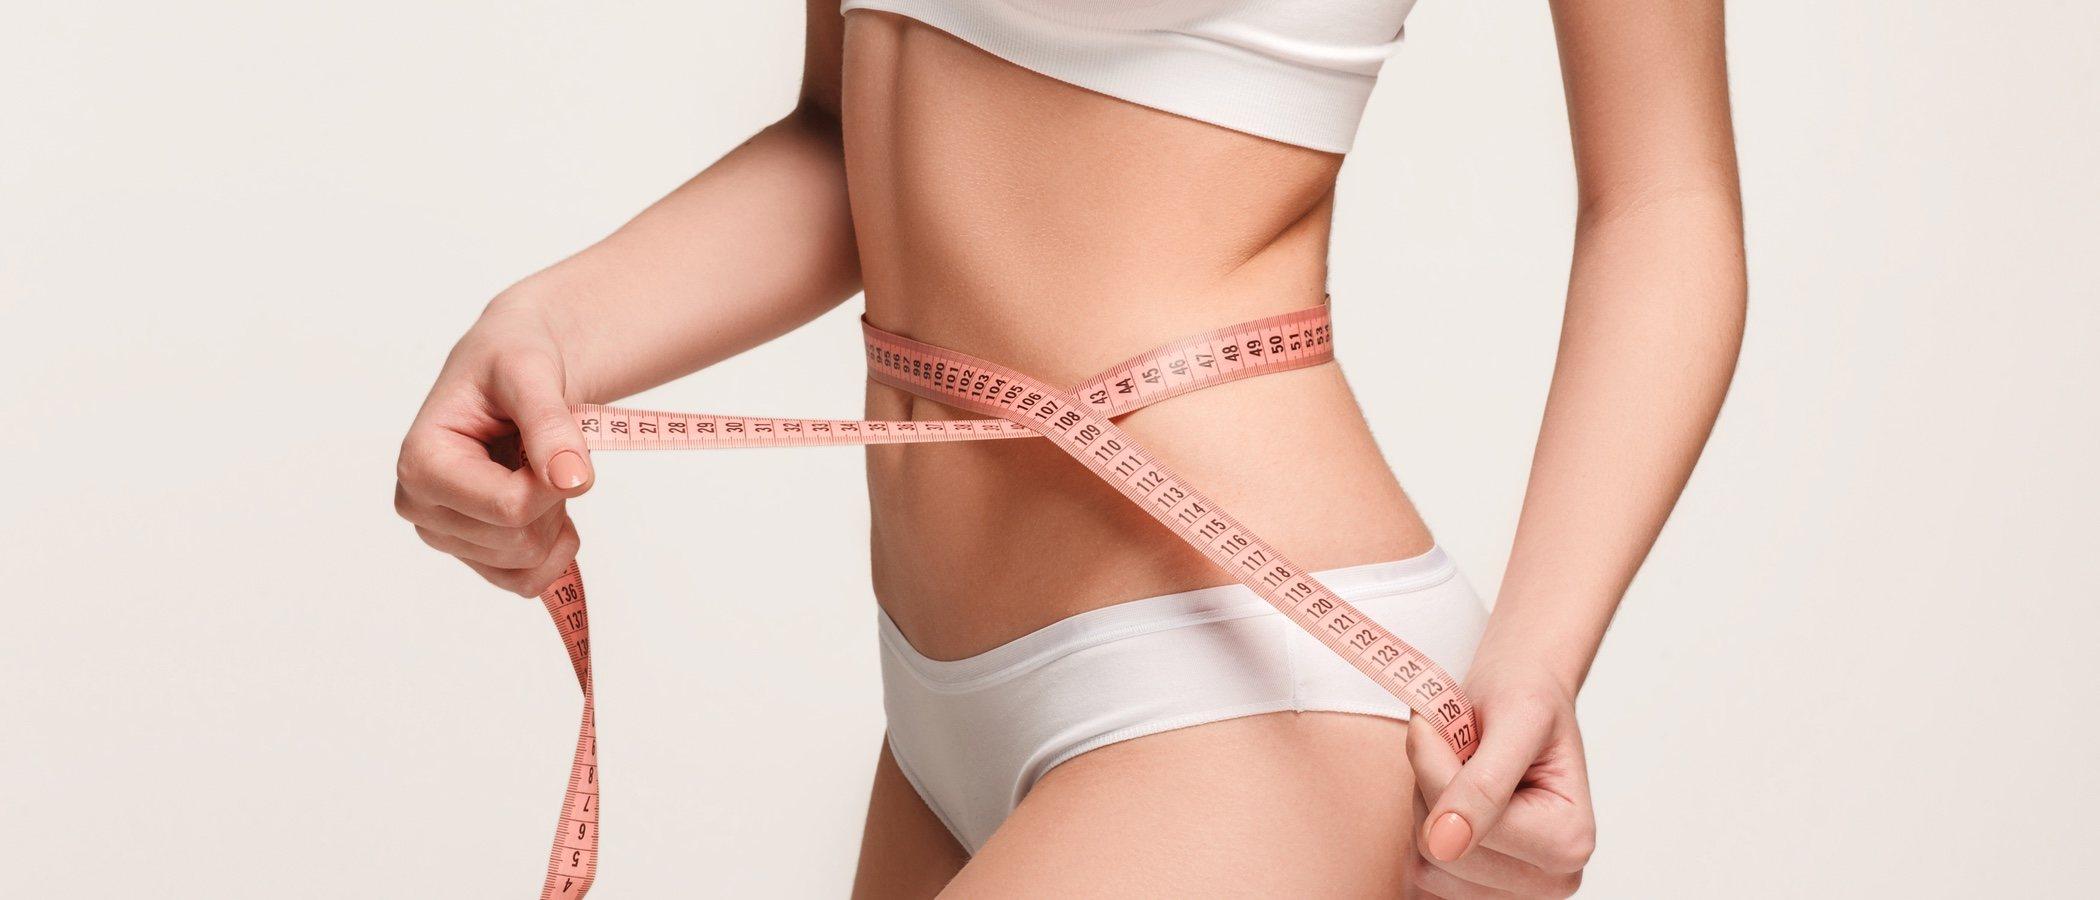 7 ejercicios para tener el vientre plano